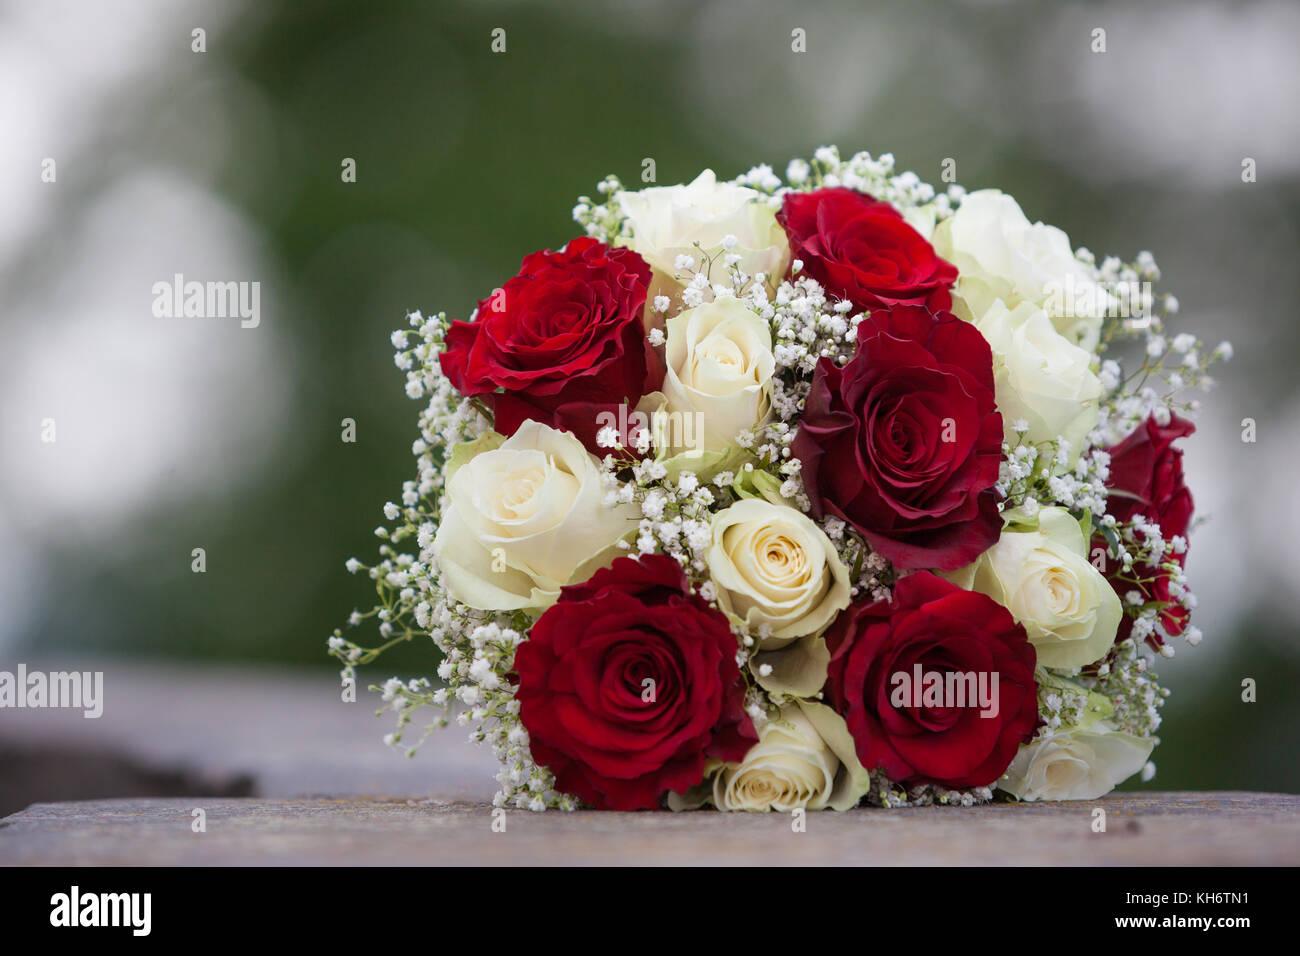 Brautstrauss Weisse Und Rote Rosen Stockfoto Bild 165493581 Alamy